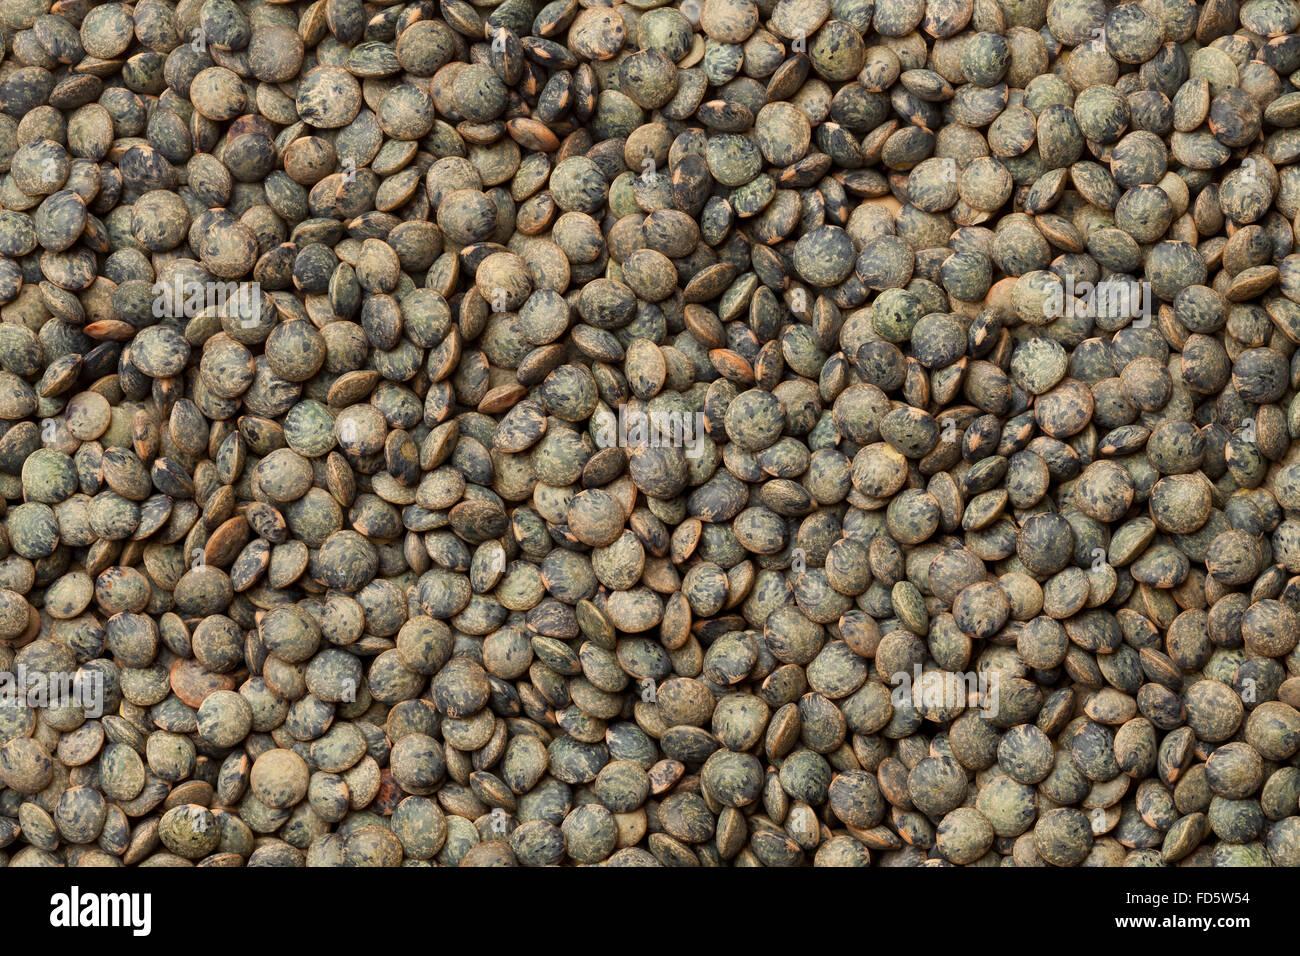 Dried Du Puy lentils full frame - Stock Image